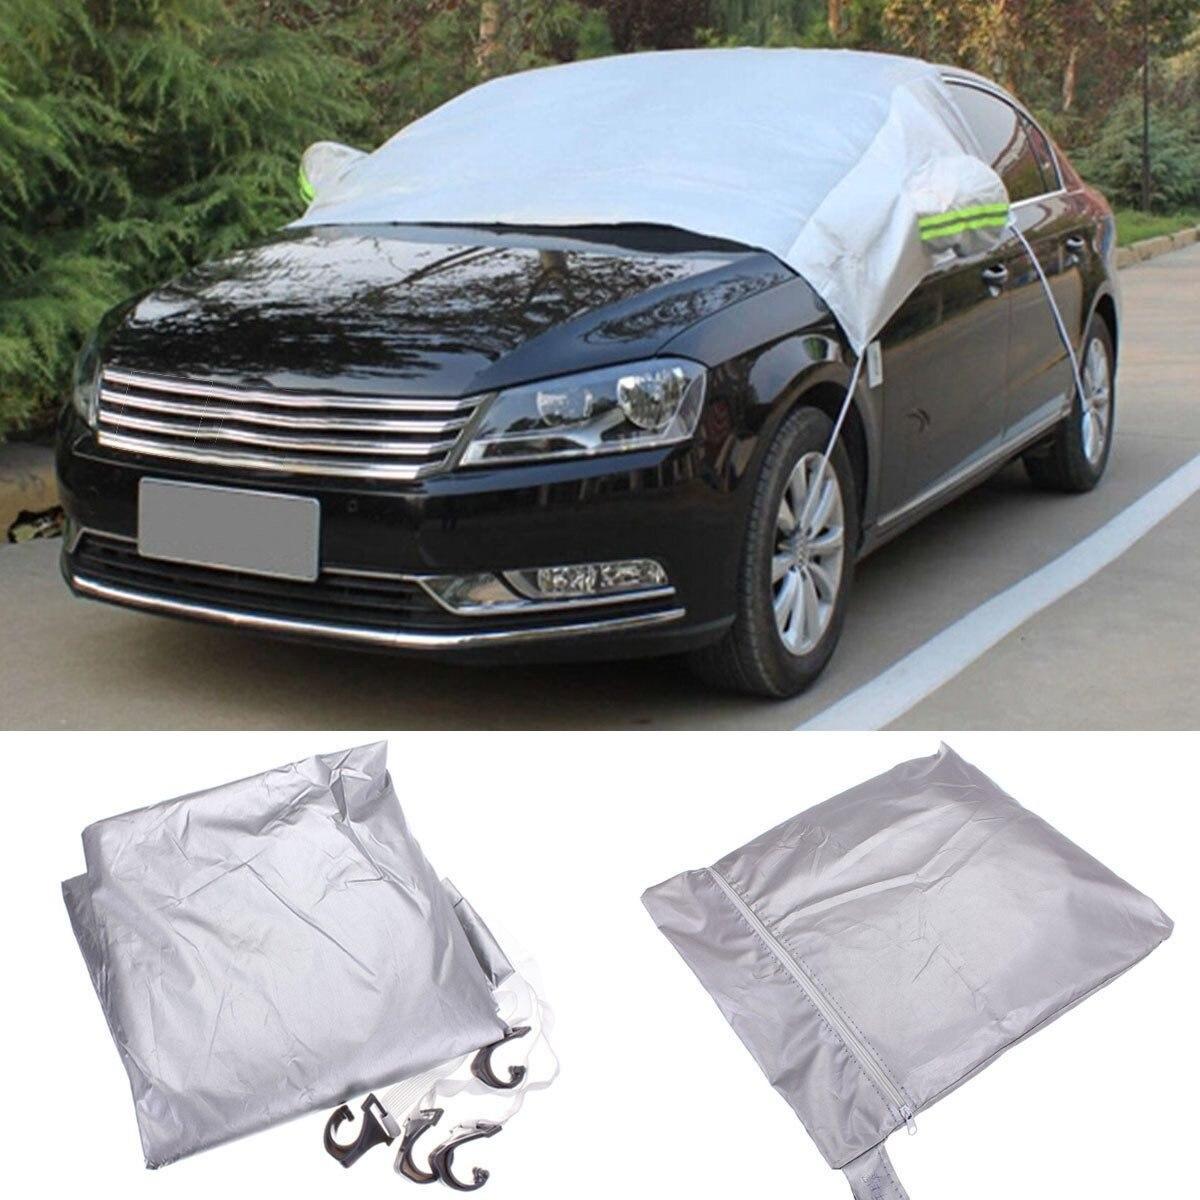 238x169 cm Auto Windschutzscheibe Abdeckung Sonnenschutz Anti Schnee Frost Eis Schild Aluminium-staubschutz Universal